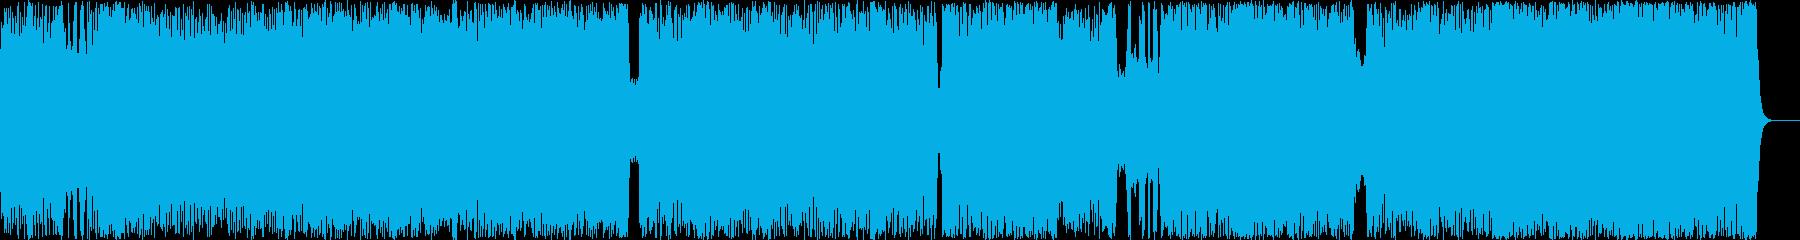 テンポの速いメロディアスなメタルロックの再生済みの波形